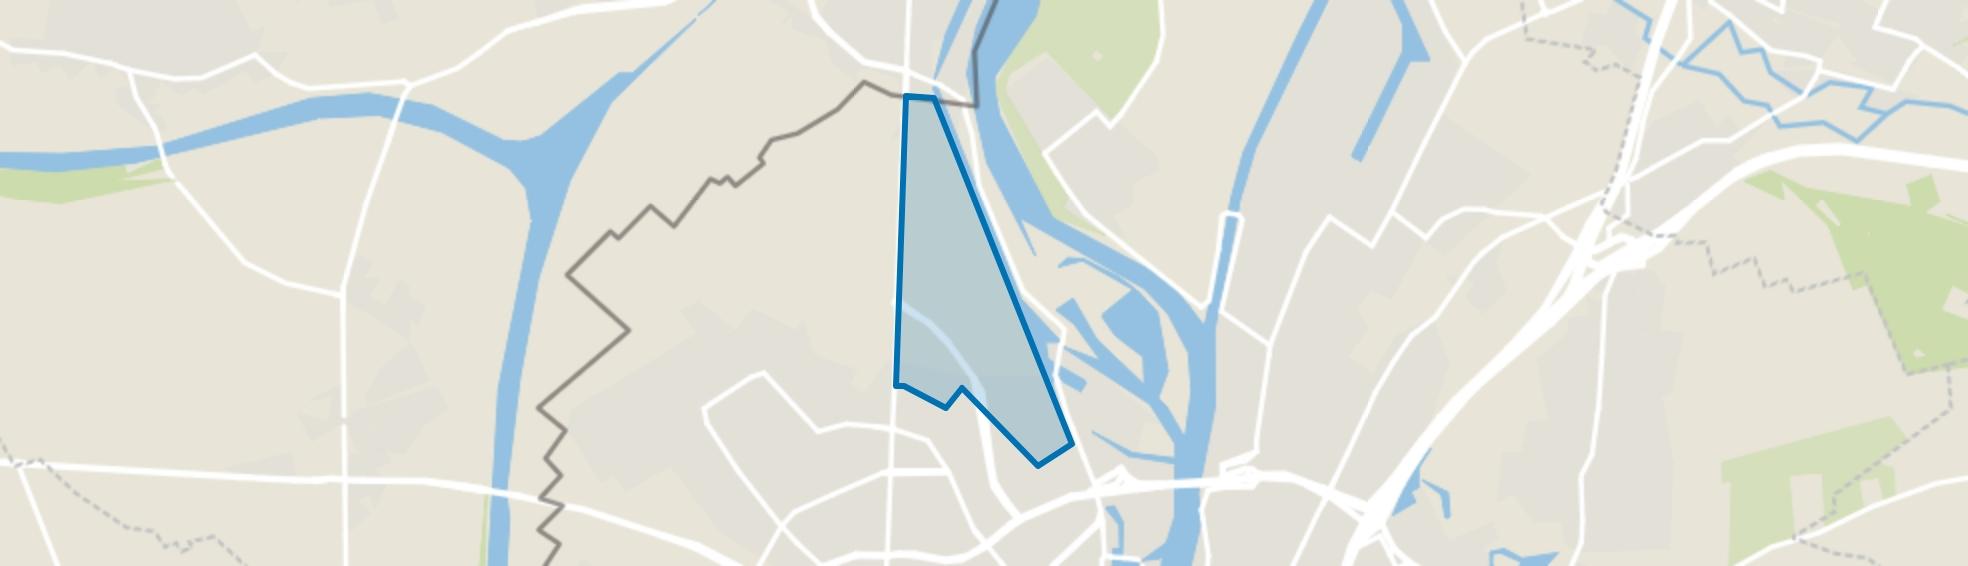 Belvédère, Maastricht map